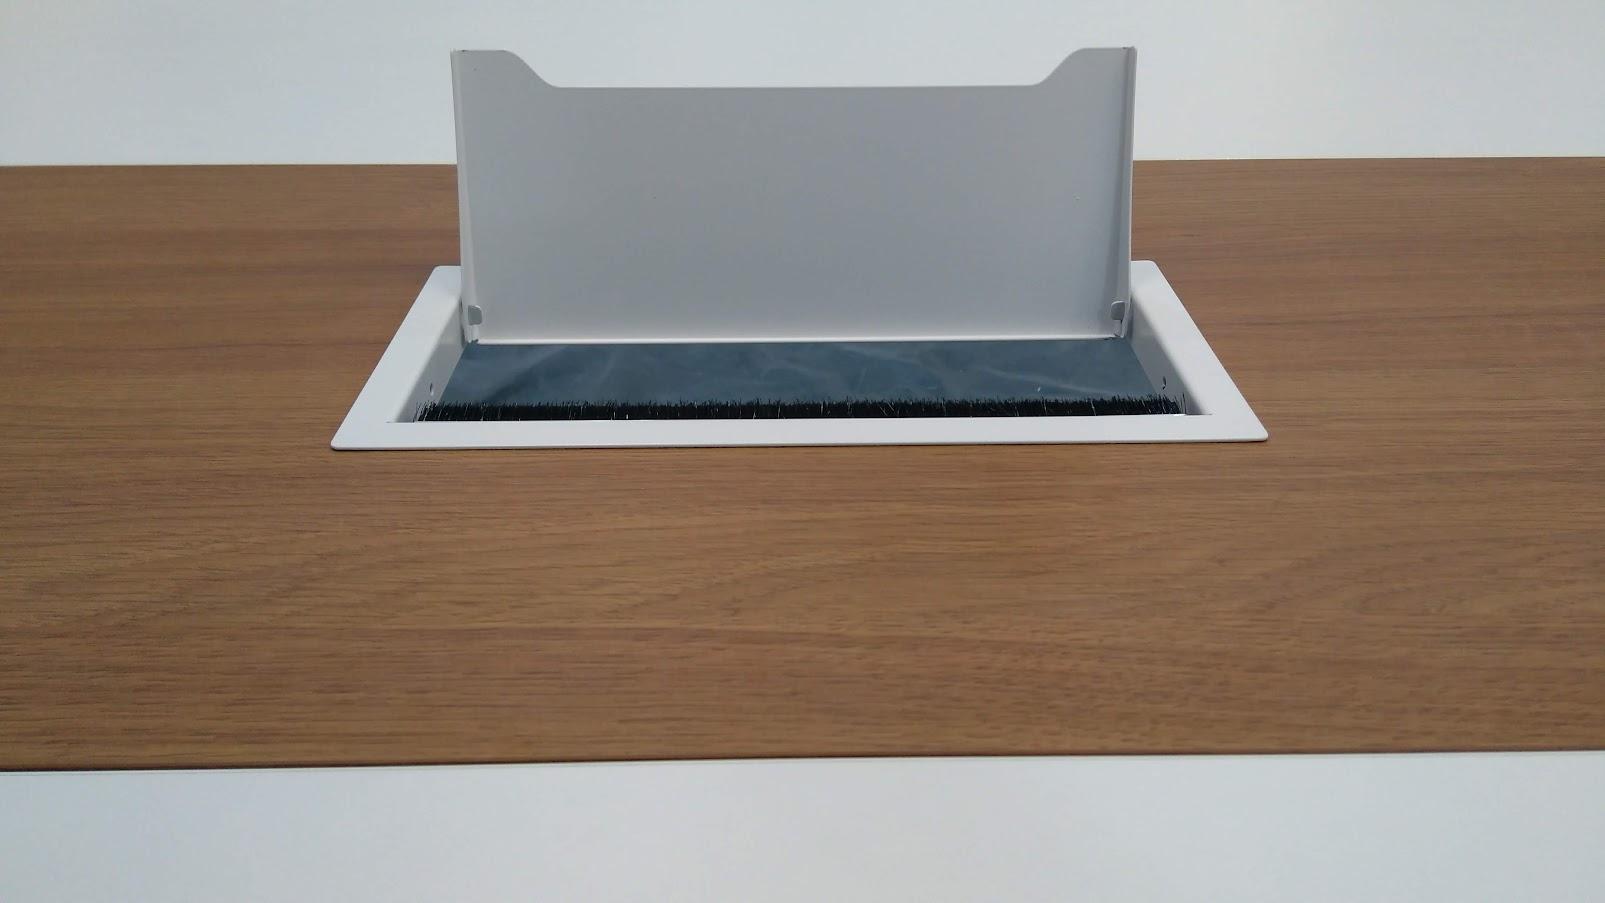 Фурнитура для столов - Модульная офисная мебель, Металлические каркасы столов, Мебельные опоры ✆ 0679245444